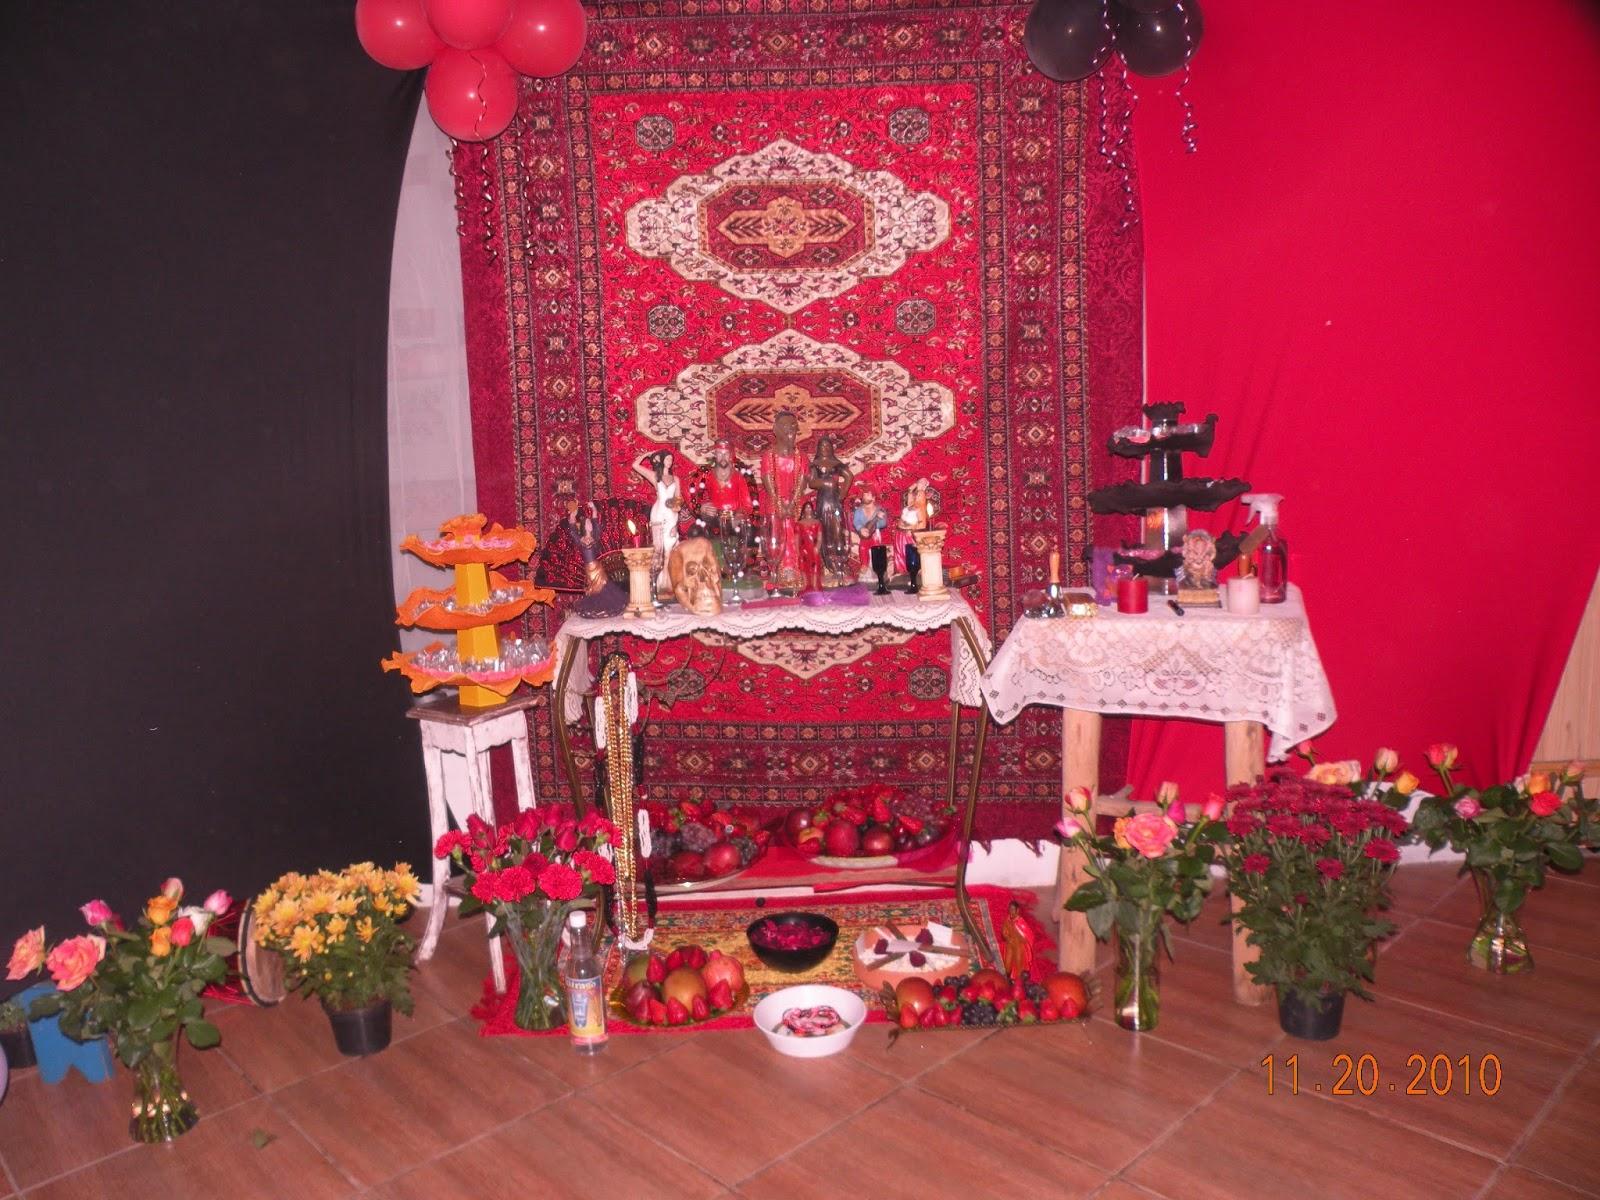 decoracao festa xango:Decoração – sessão de ciganos (2010)